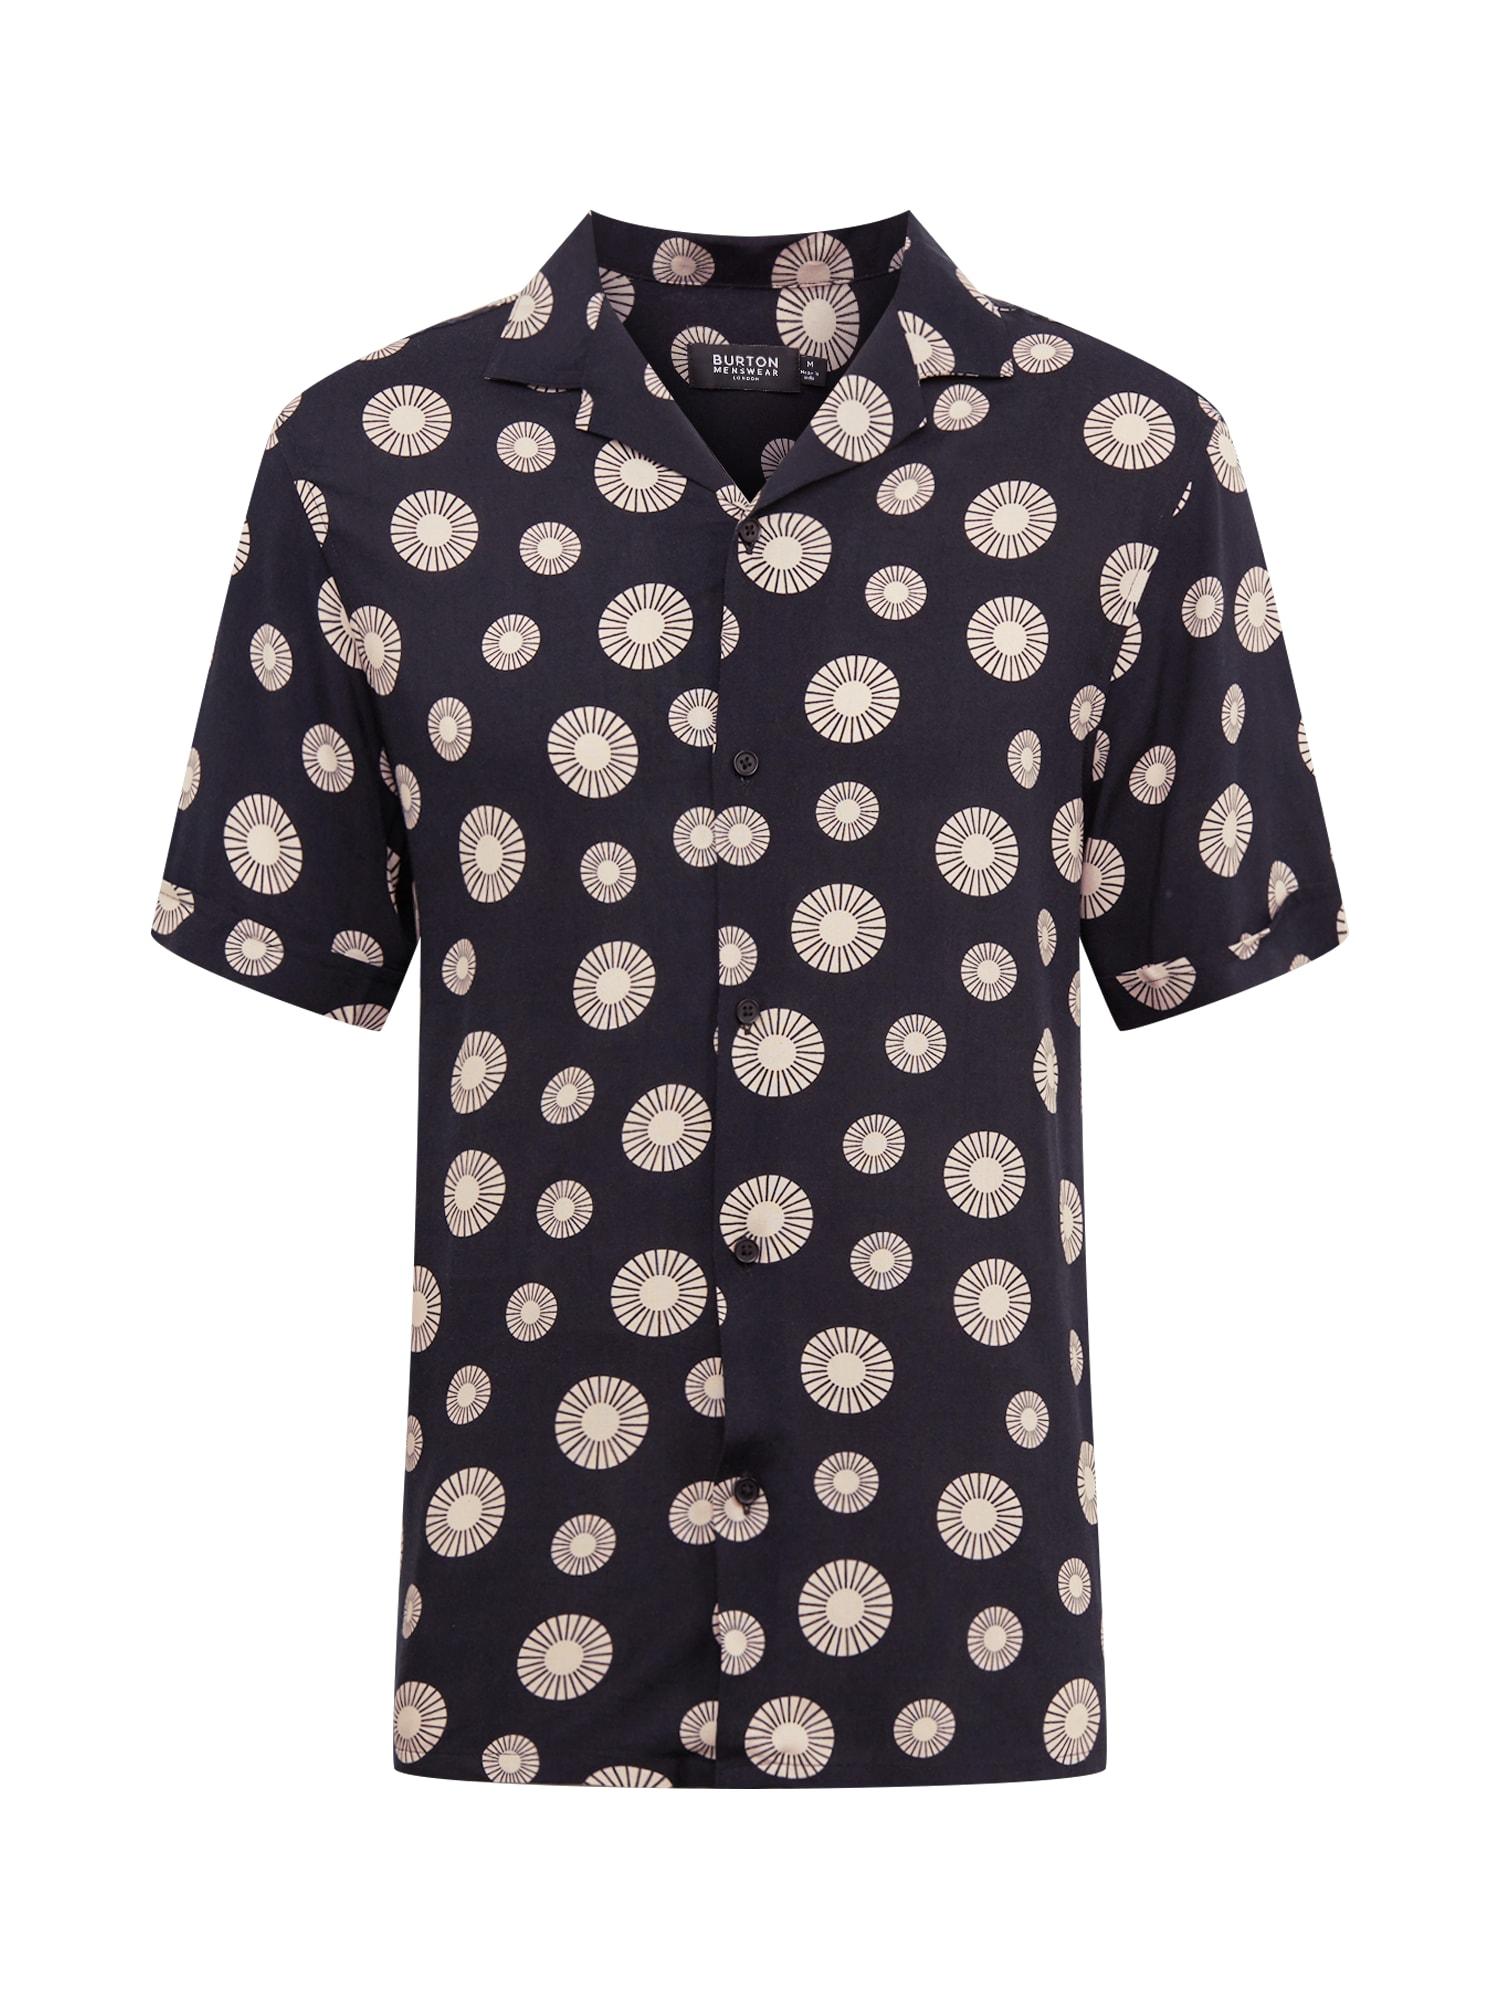 BURTON MENSWEAR LONDON Košeľa 'Sun Tile'  žlté / čierna